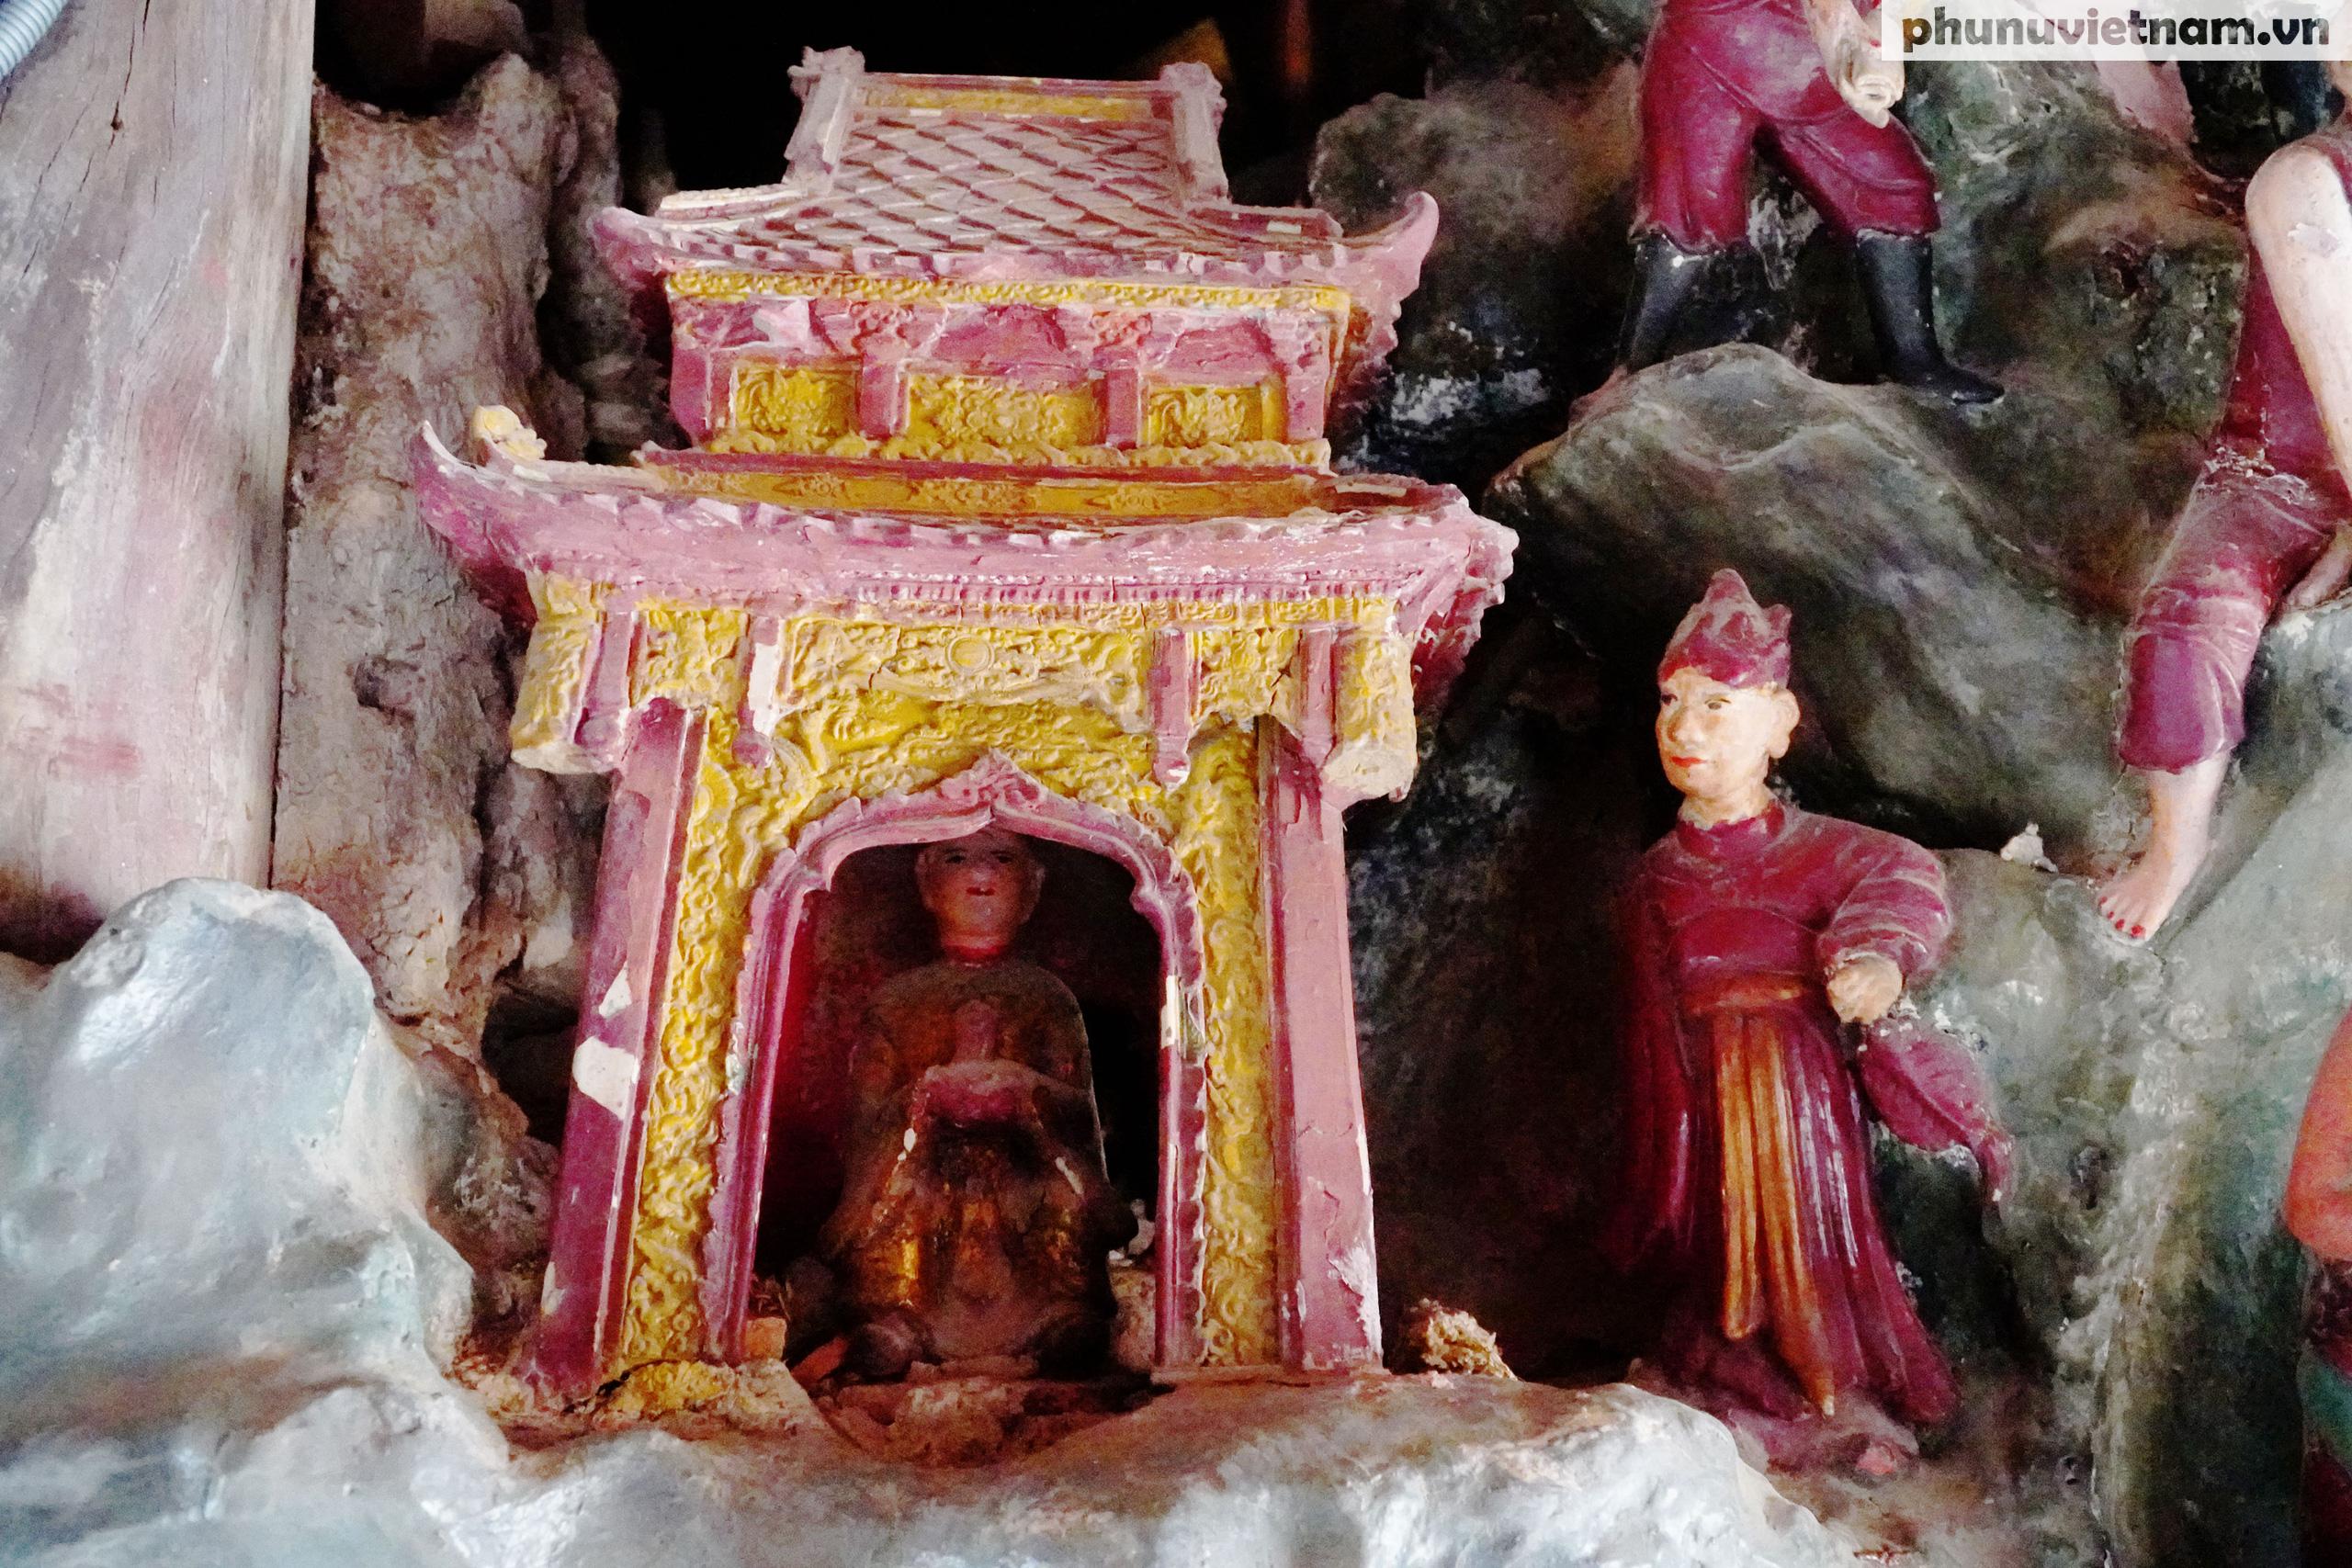 Ngỡ ngàng trước những kiệt tác bằng đất sét trên 200 tuổi về đạo Phật - Ảnh 5.